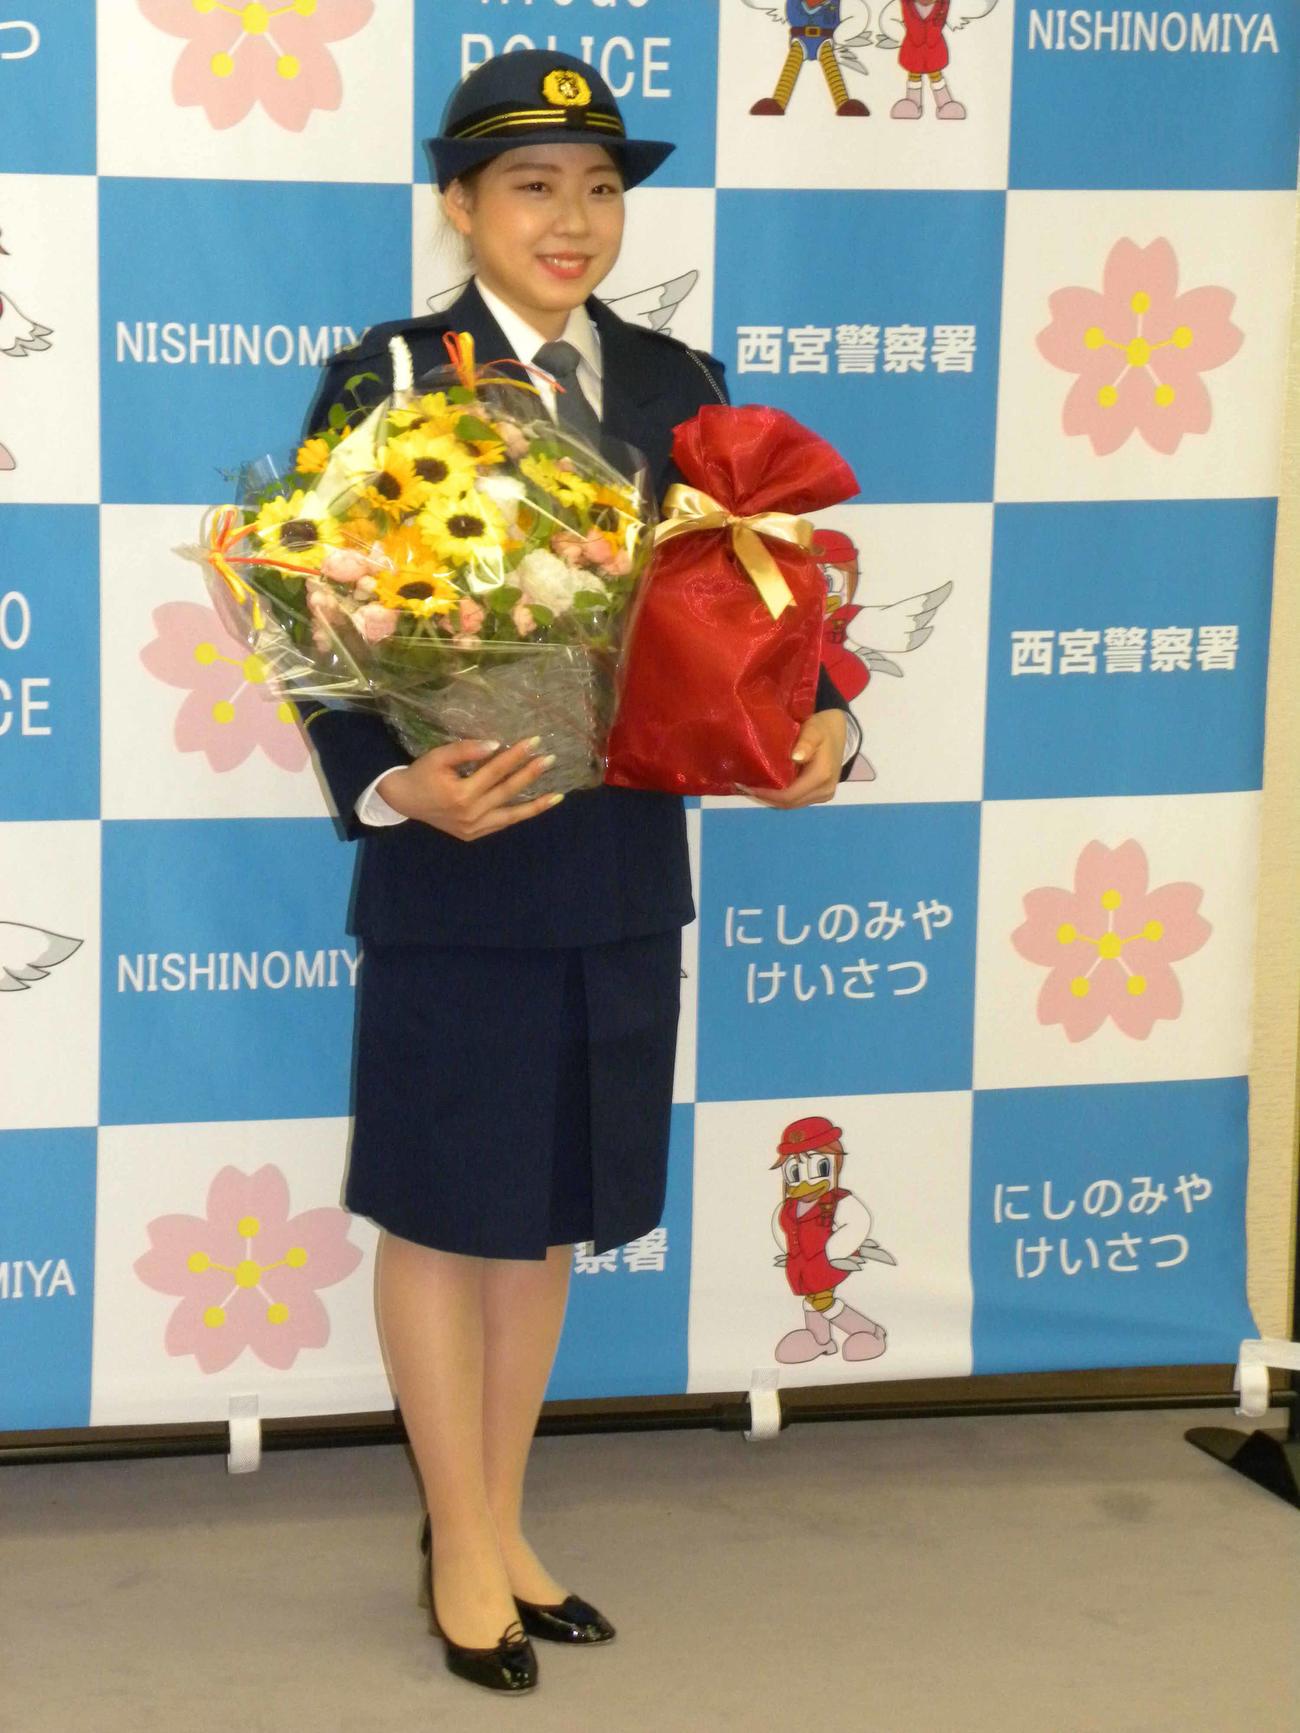 西宮交通安全大使となった紀平梨花は、21日の誕生日を前に祝福を受けて笑顔を見せる(撮影・松本航)